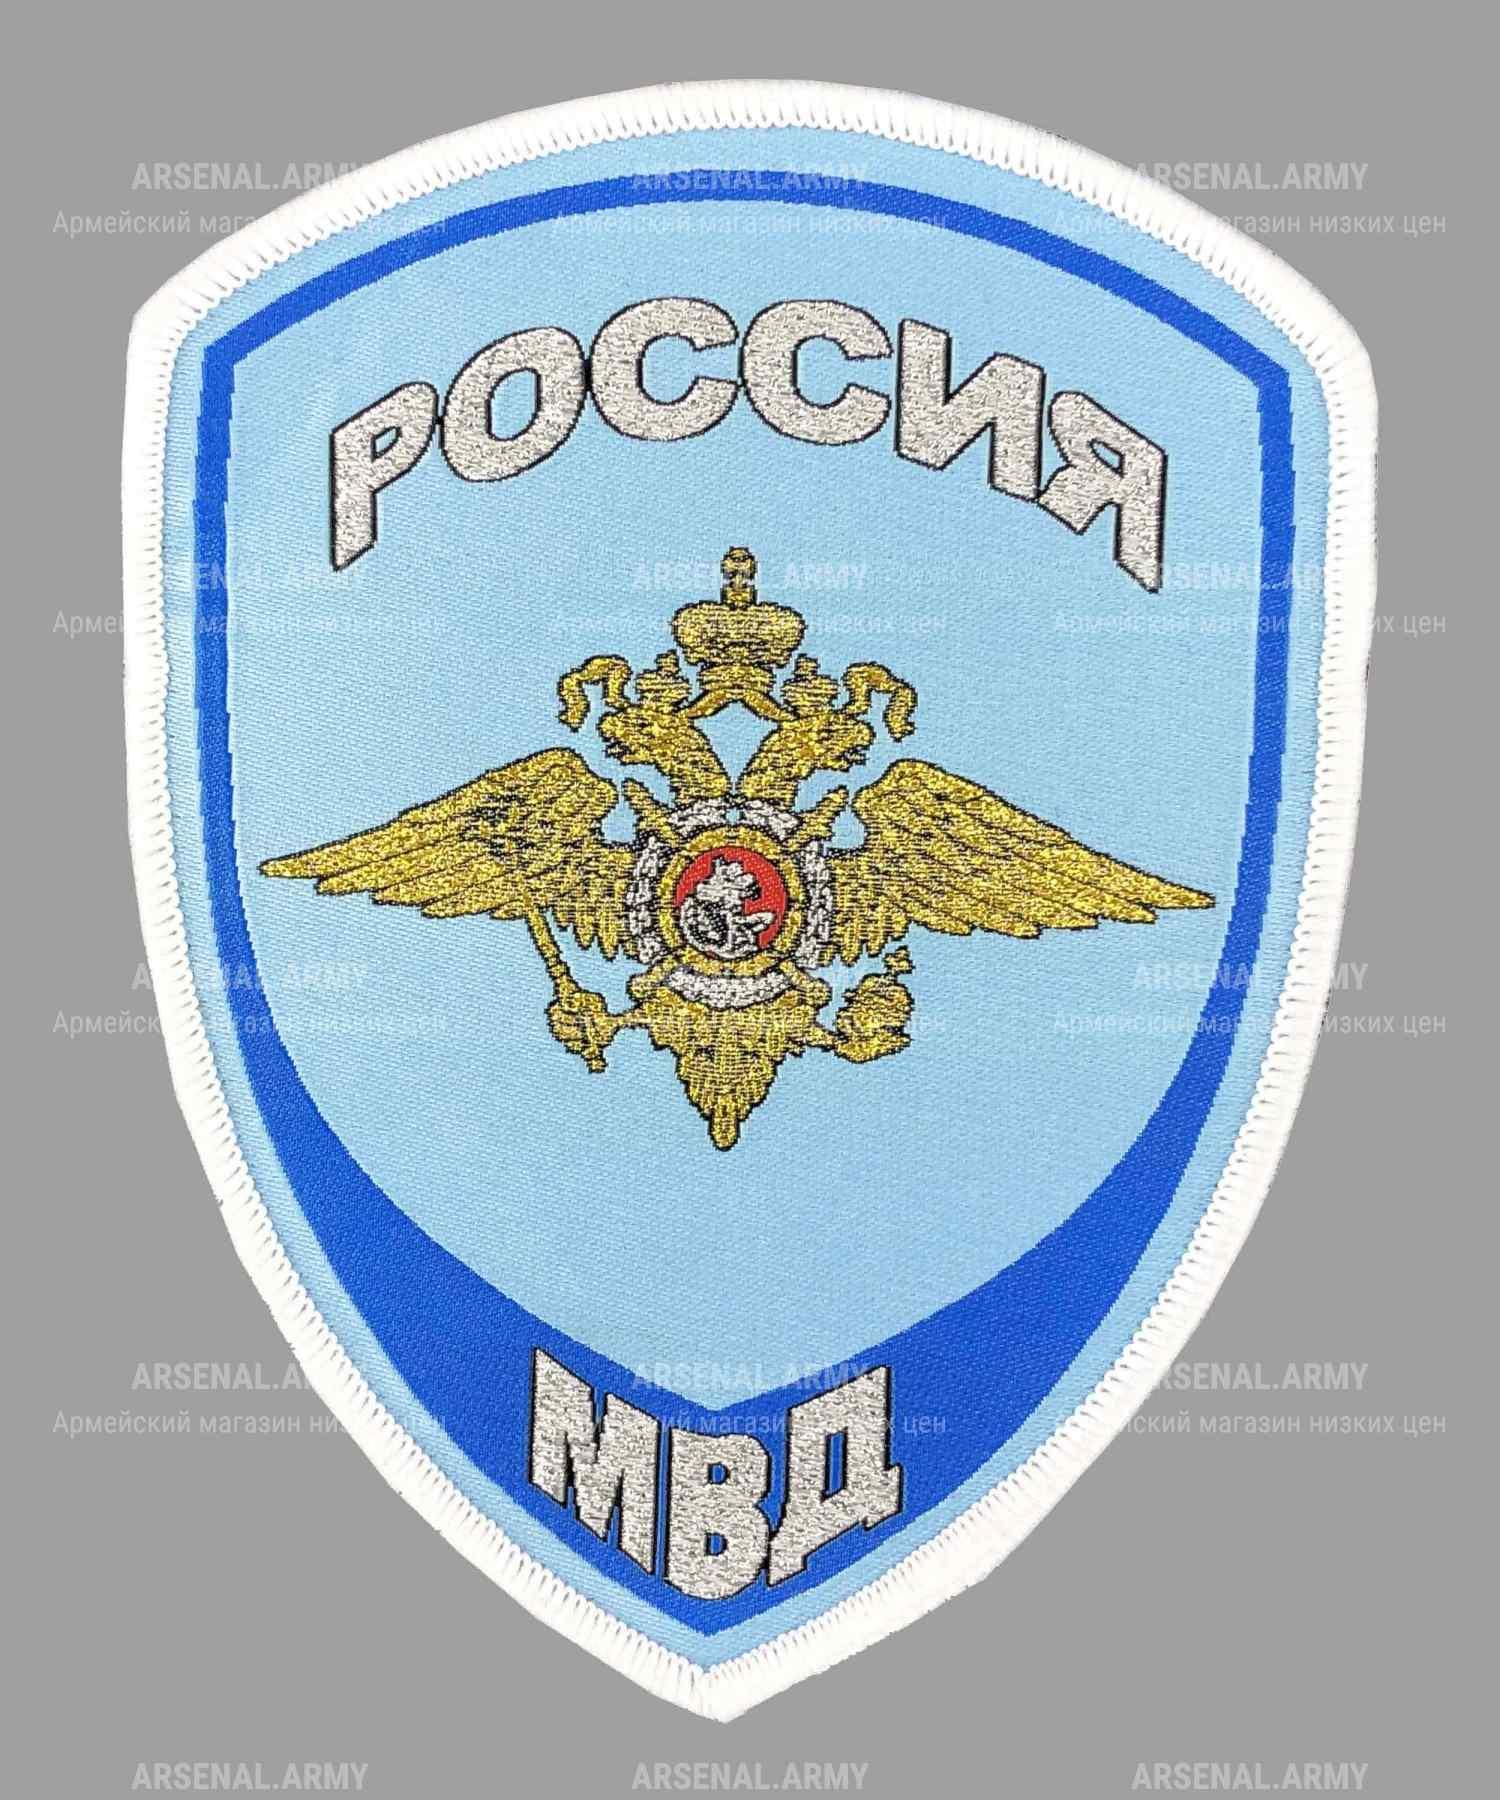 Шеврон жаккардовый голубой юстиции герб